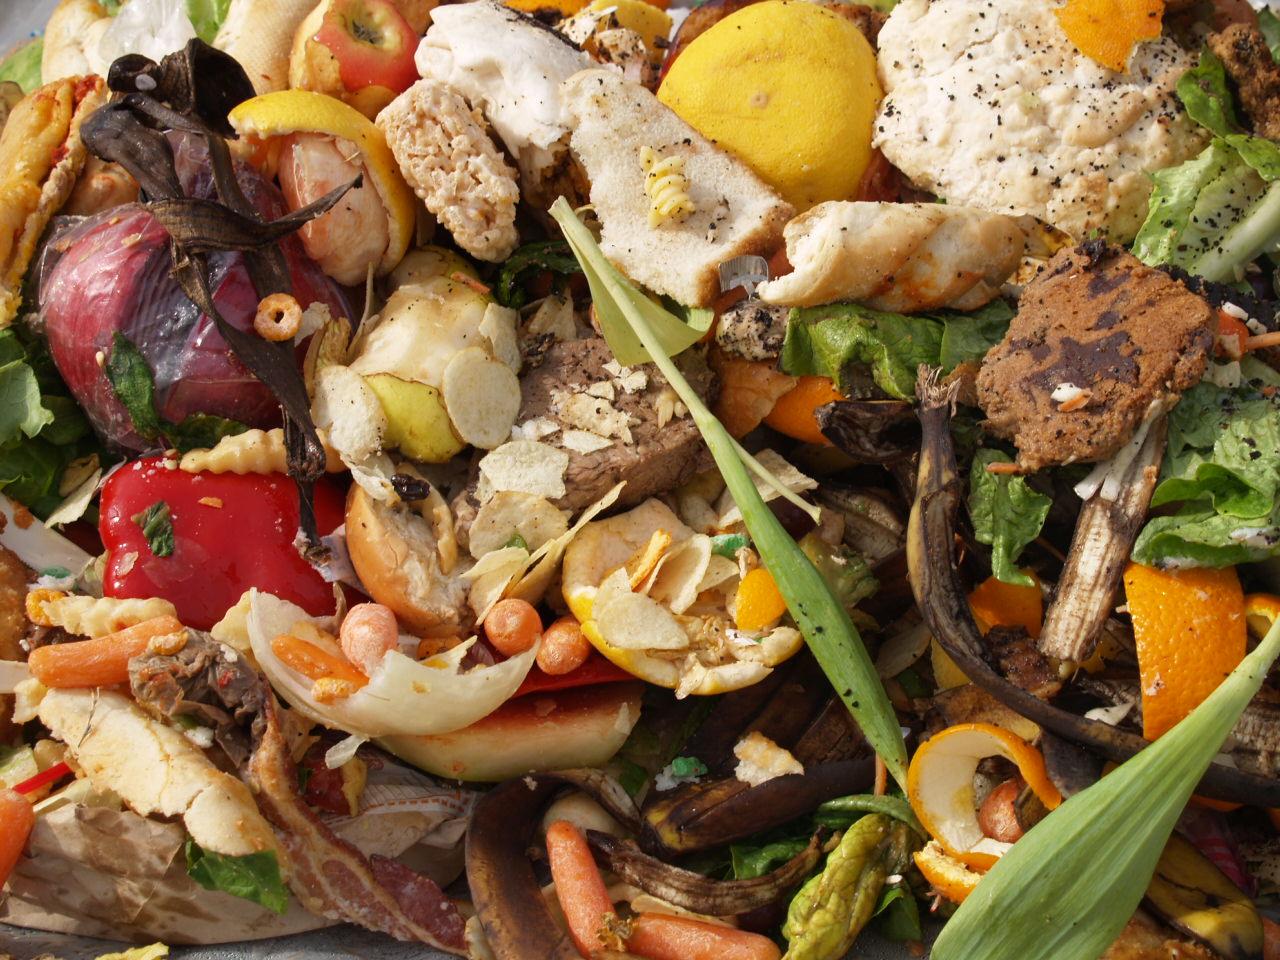 Desperdicio de alimentos. ¡Tenemos un reto!